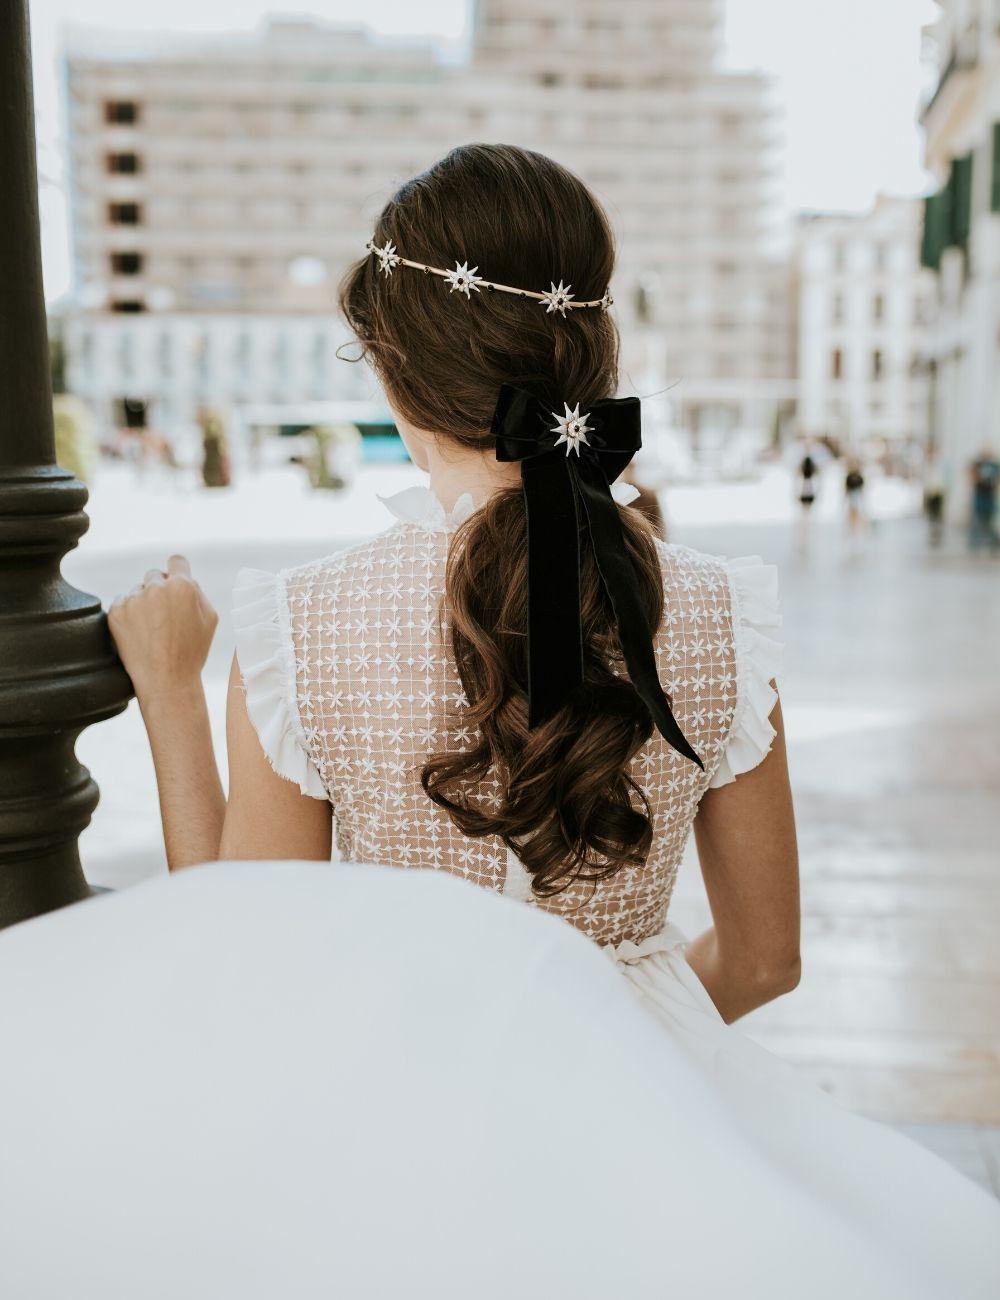 coleta joya rafael bueno peinado tendencia